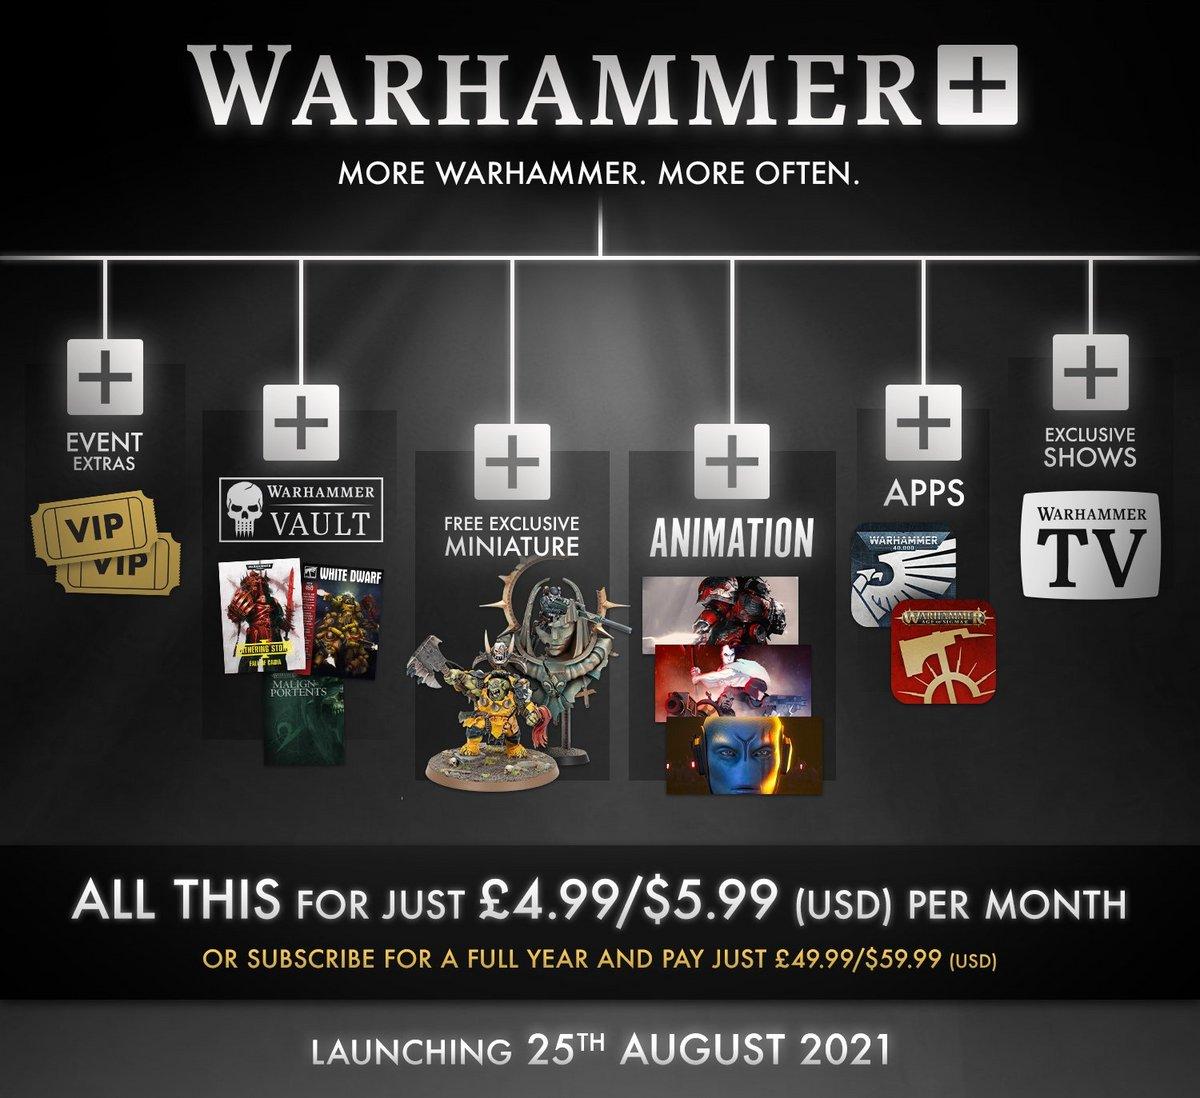 Warhammer+ © Games Workshop